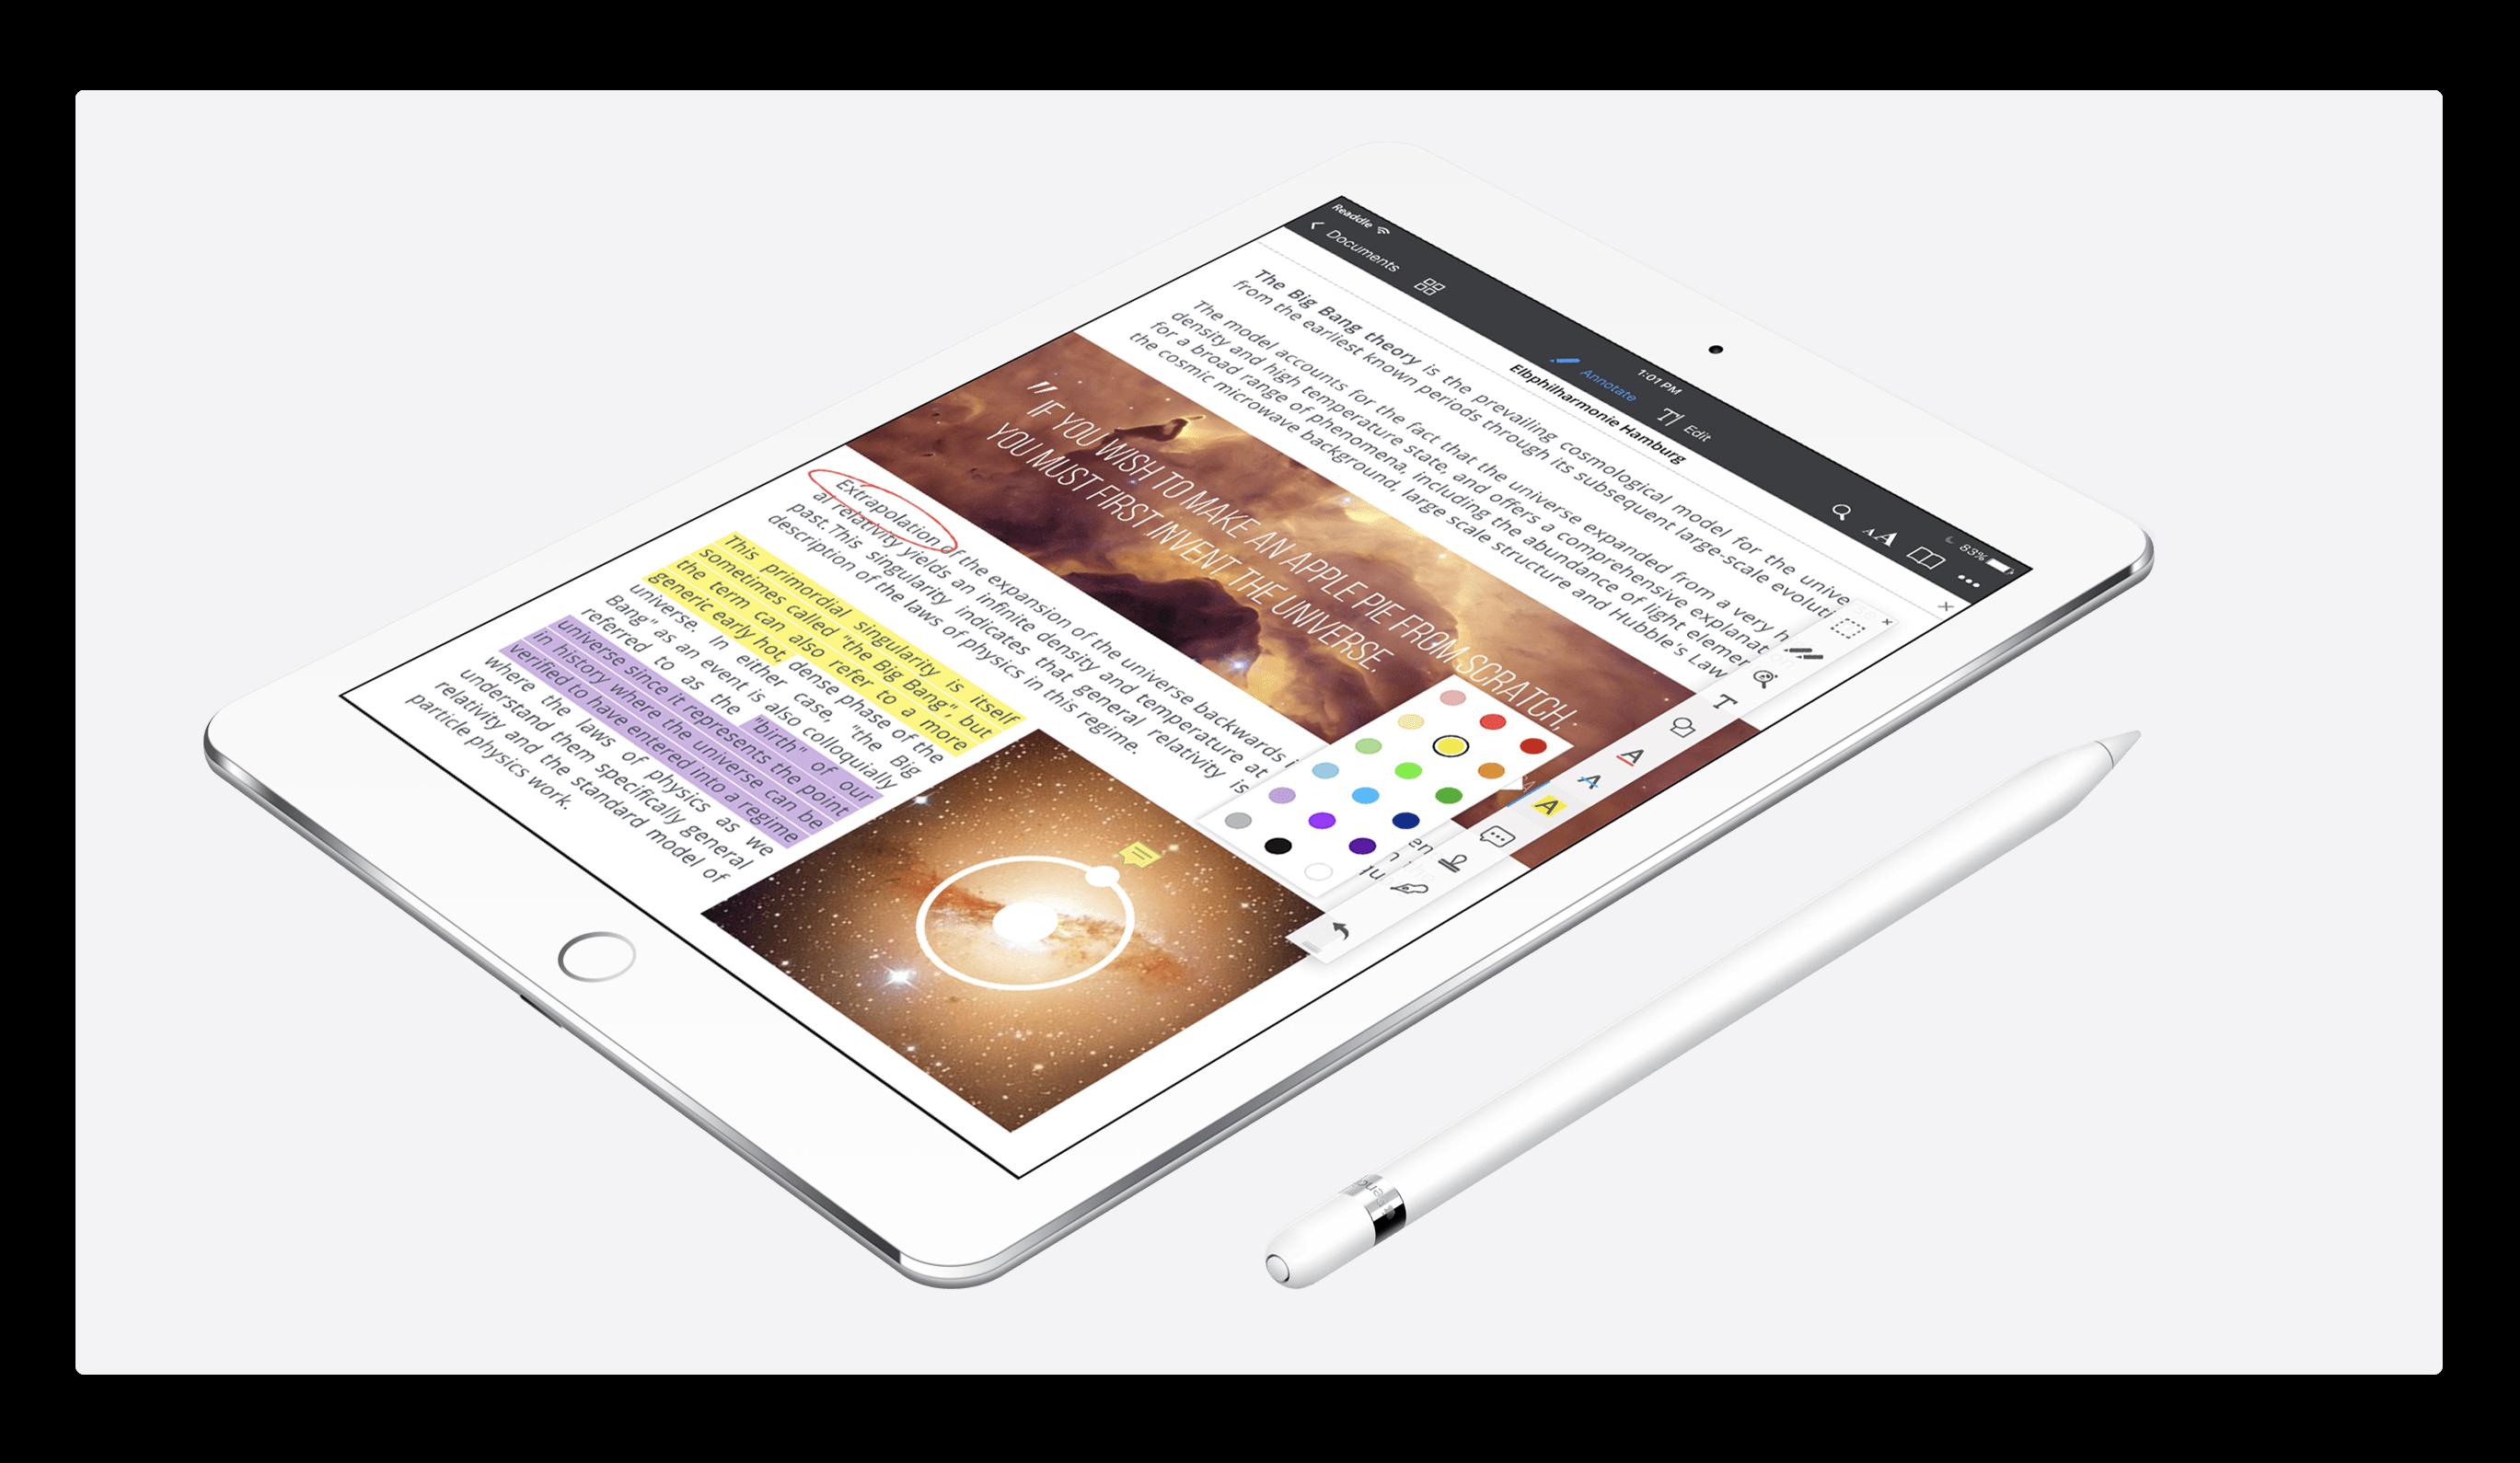 【iOS】PDFエディタ「PDF Expert by Readdle」バージョンアップで2ページの同時表示など新機能